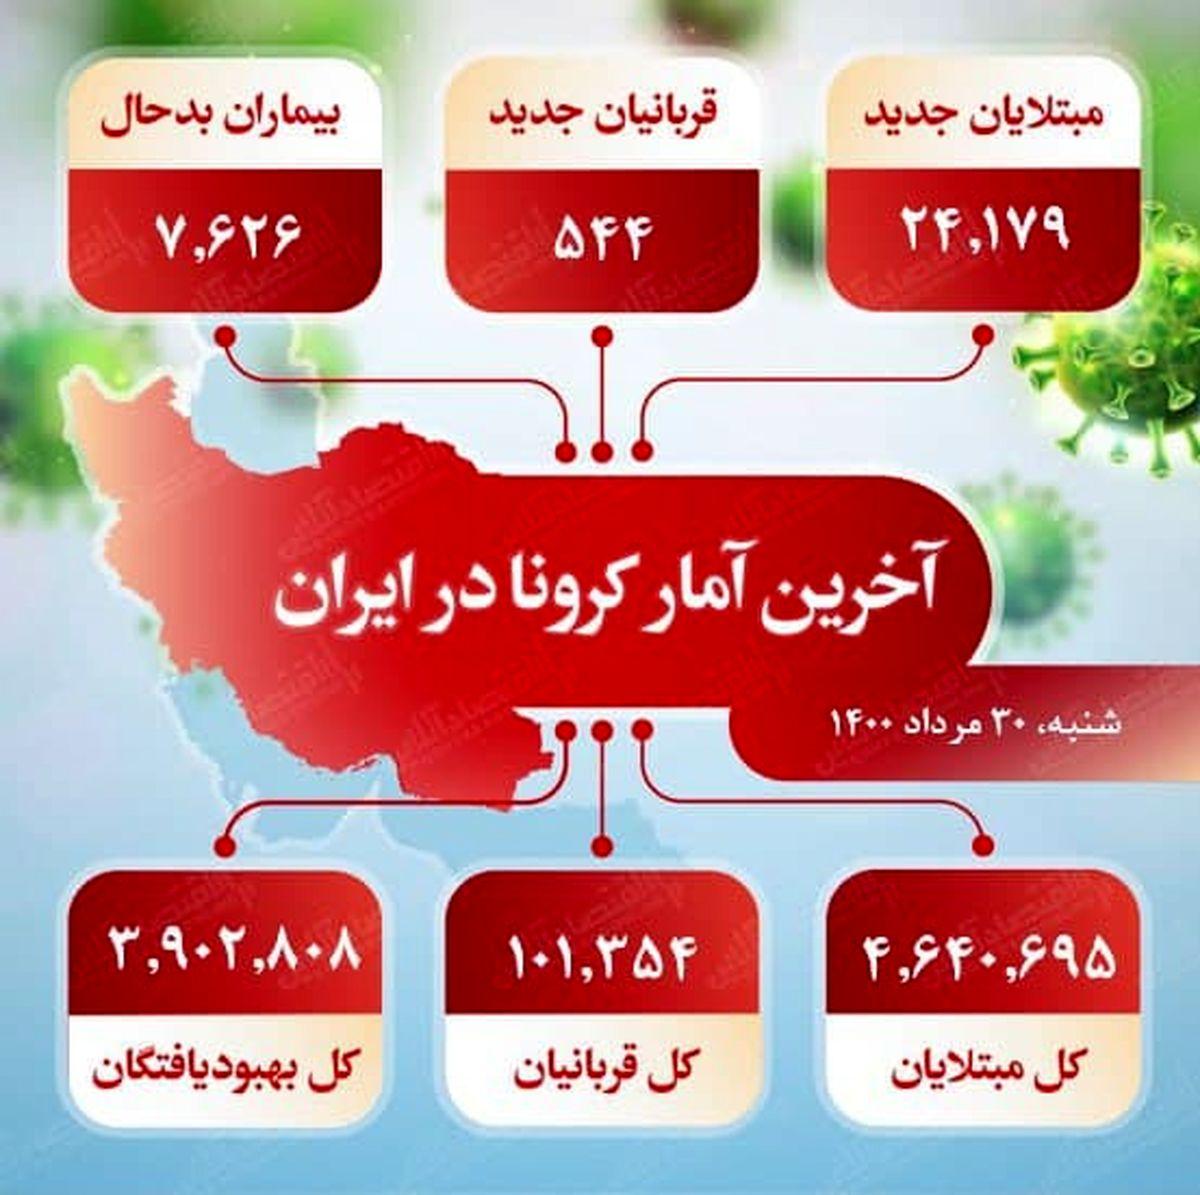 آخرین آمار کرونا در ایران (۱۴۰۰/۵/۳۰)